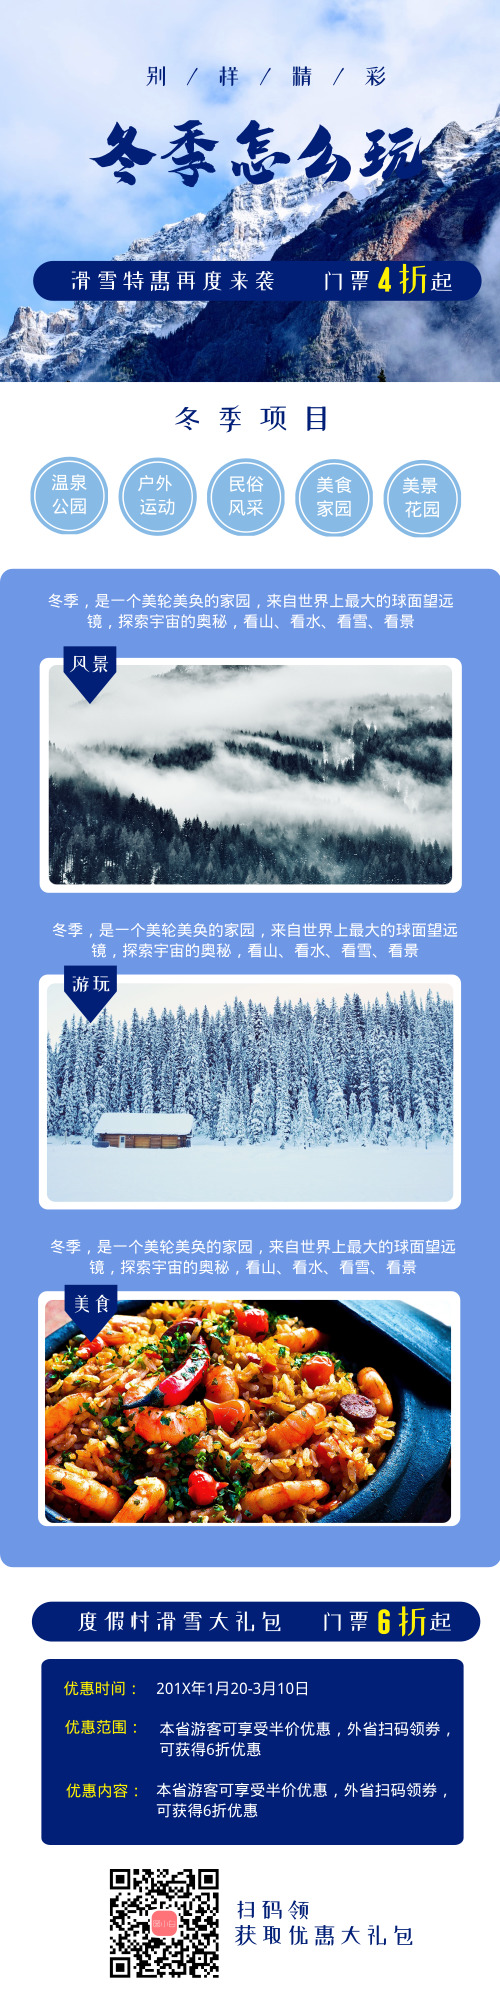 春节新年冬季旅行优惠宣传